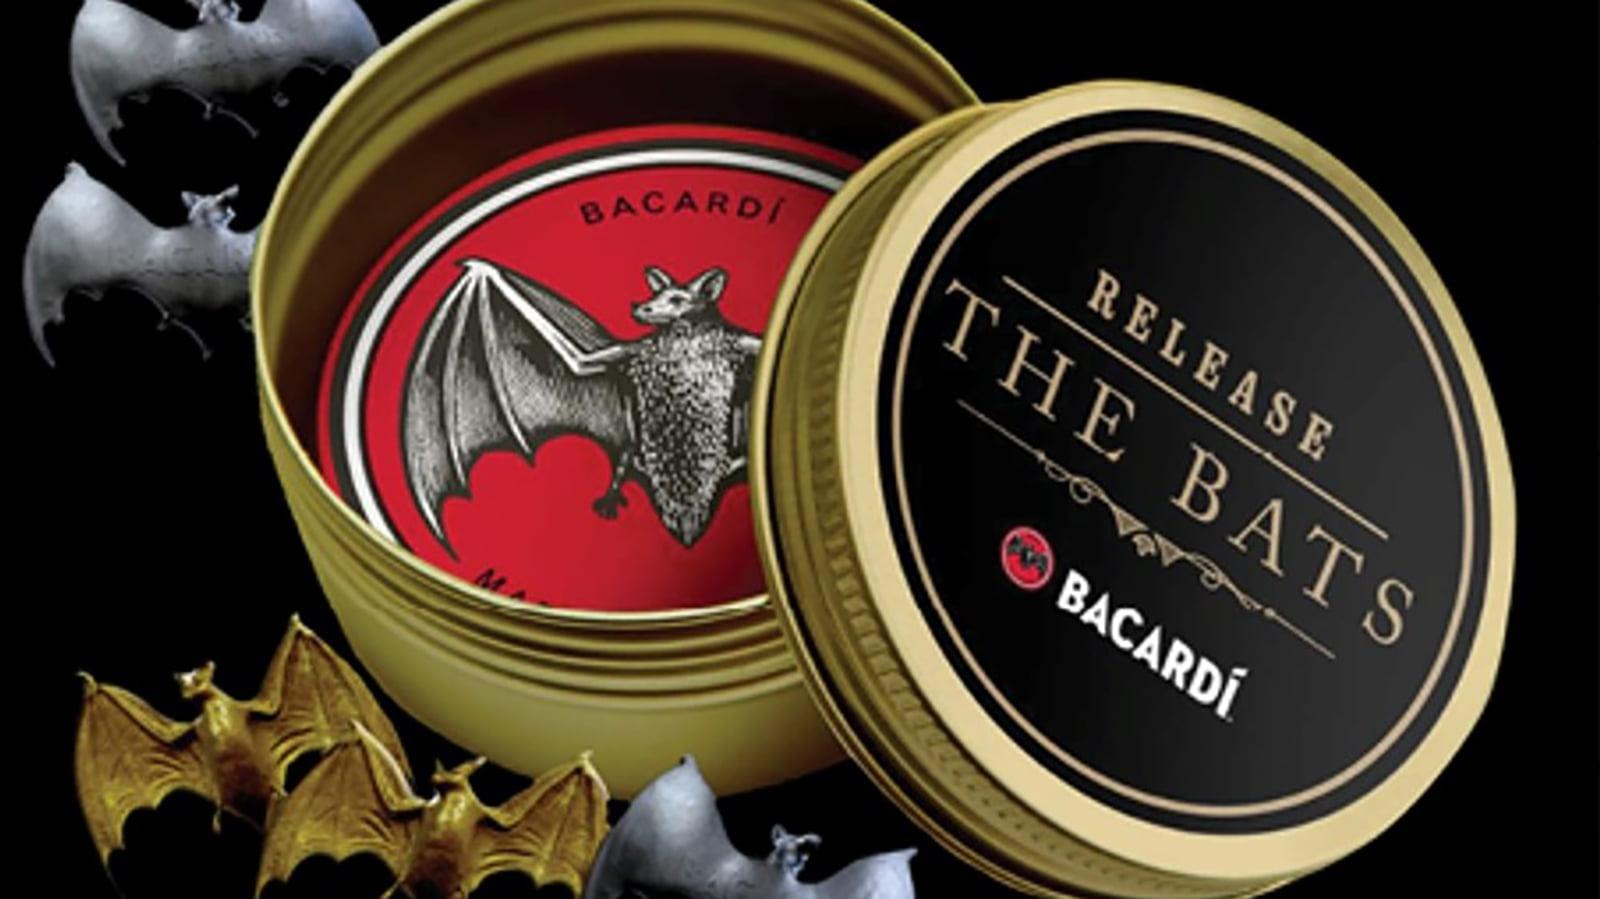 Bacardi Branding Work